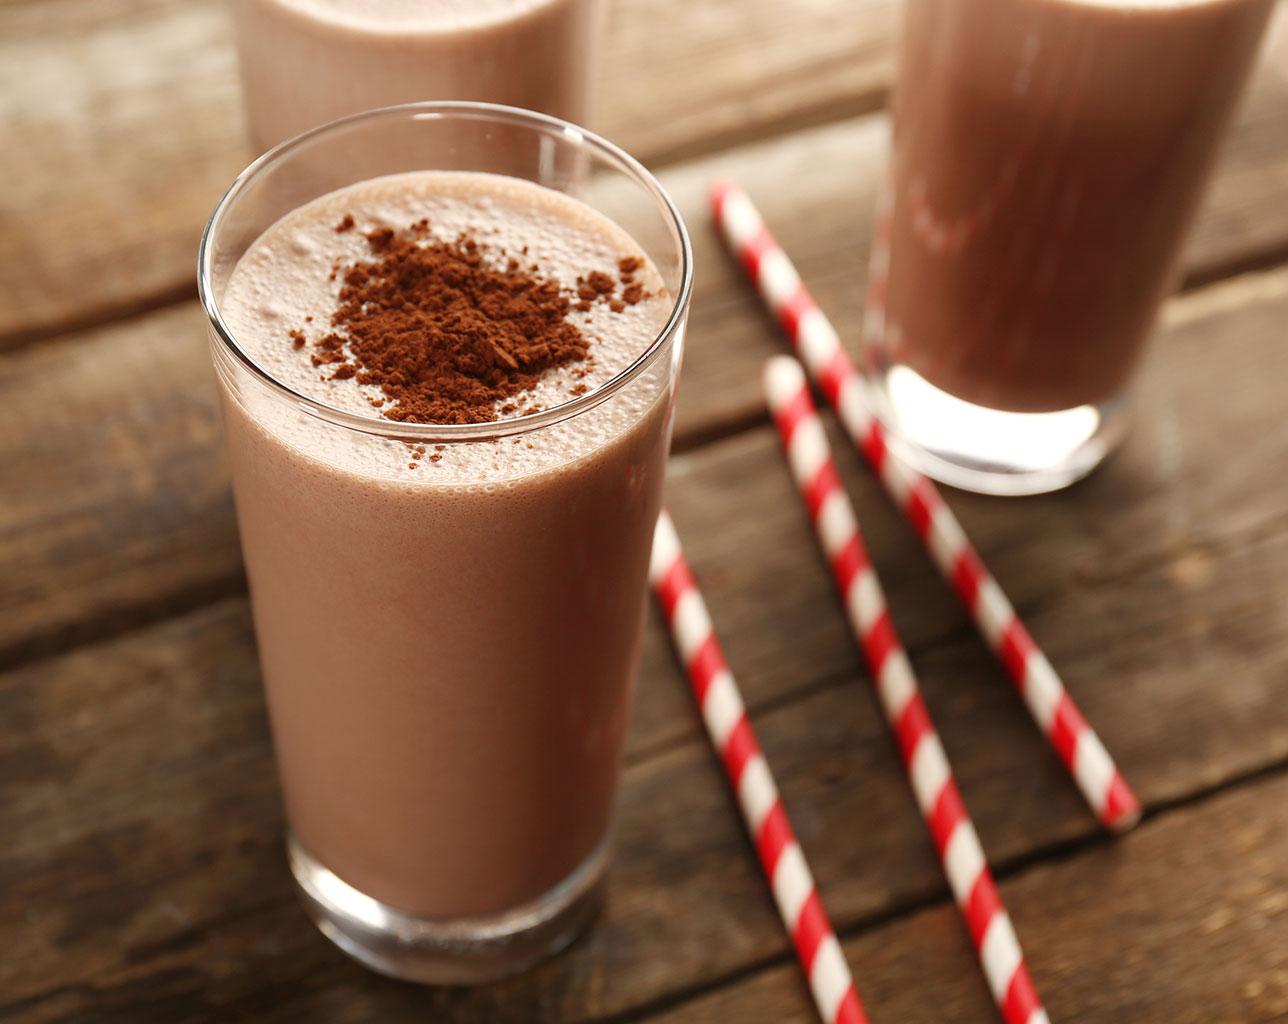 Шоколадный коктейль с какао